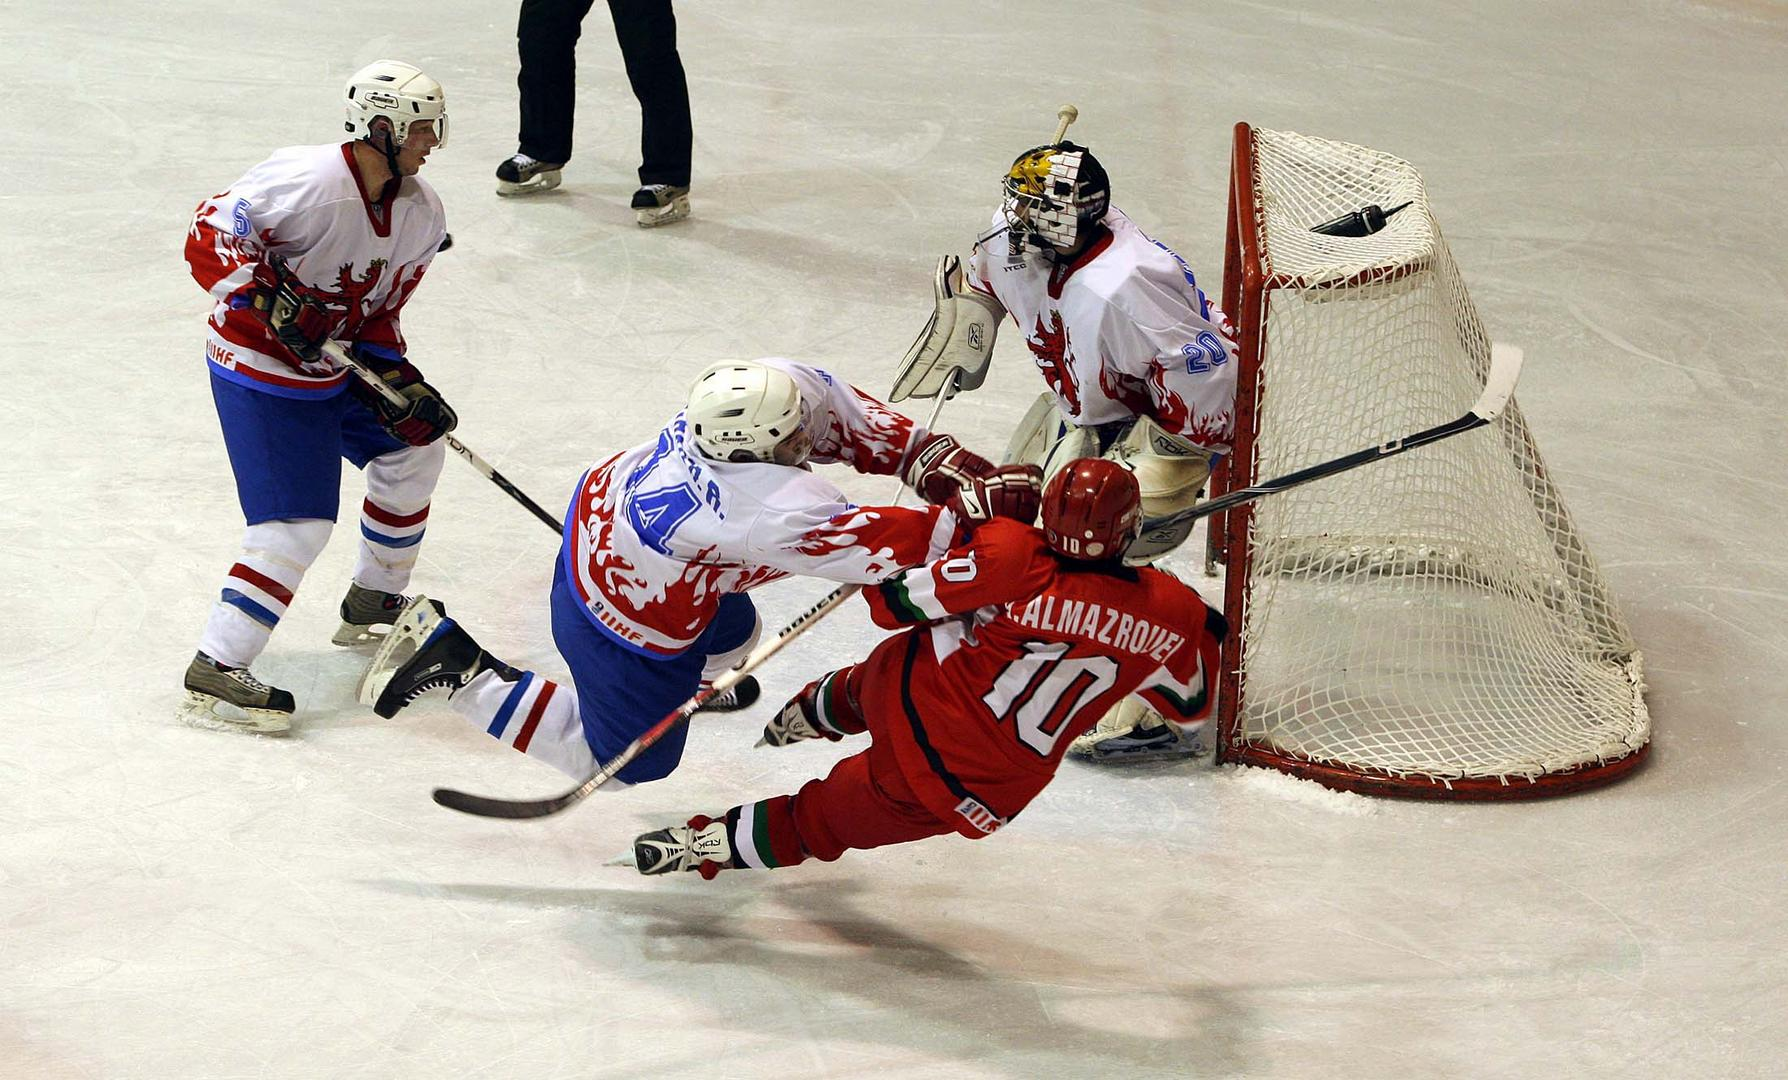 Icehockey oder Boxen